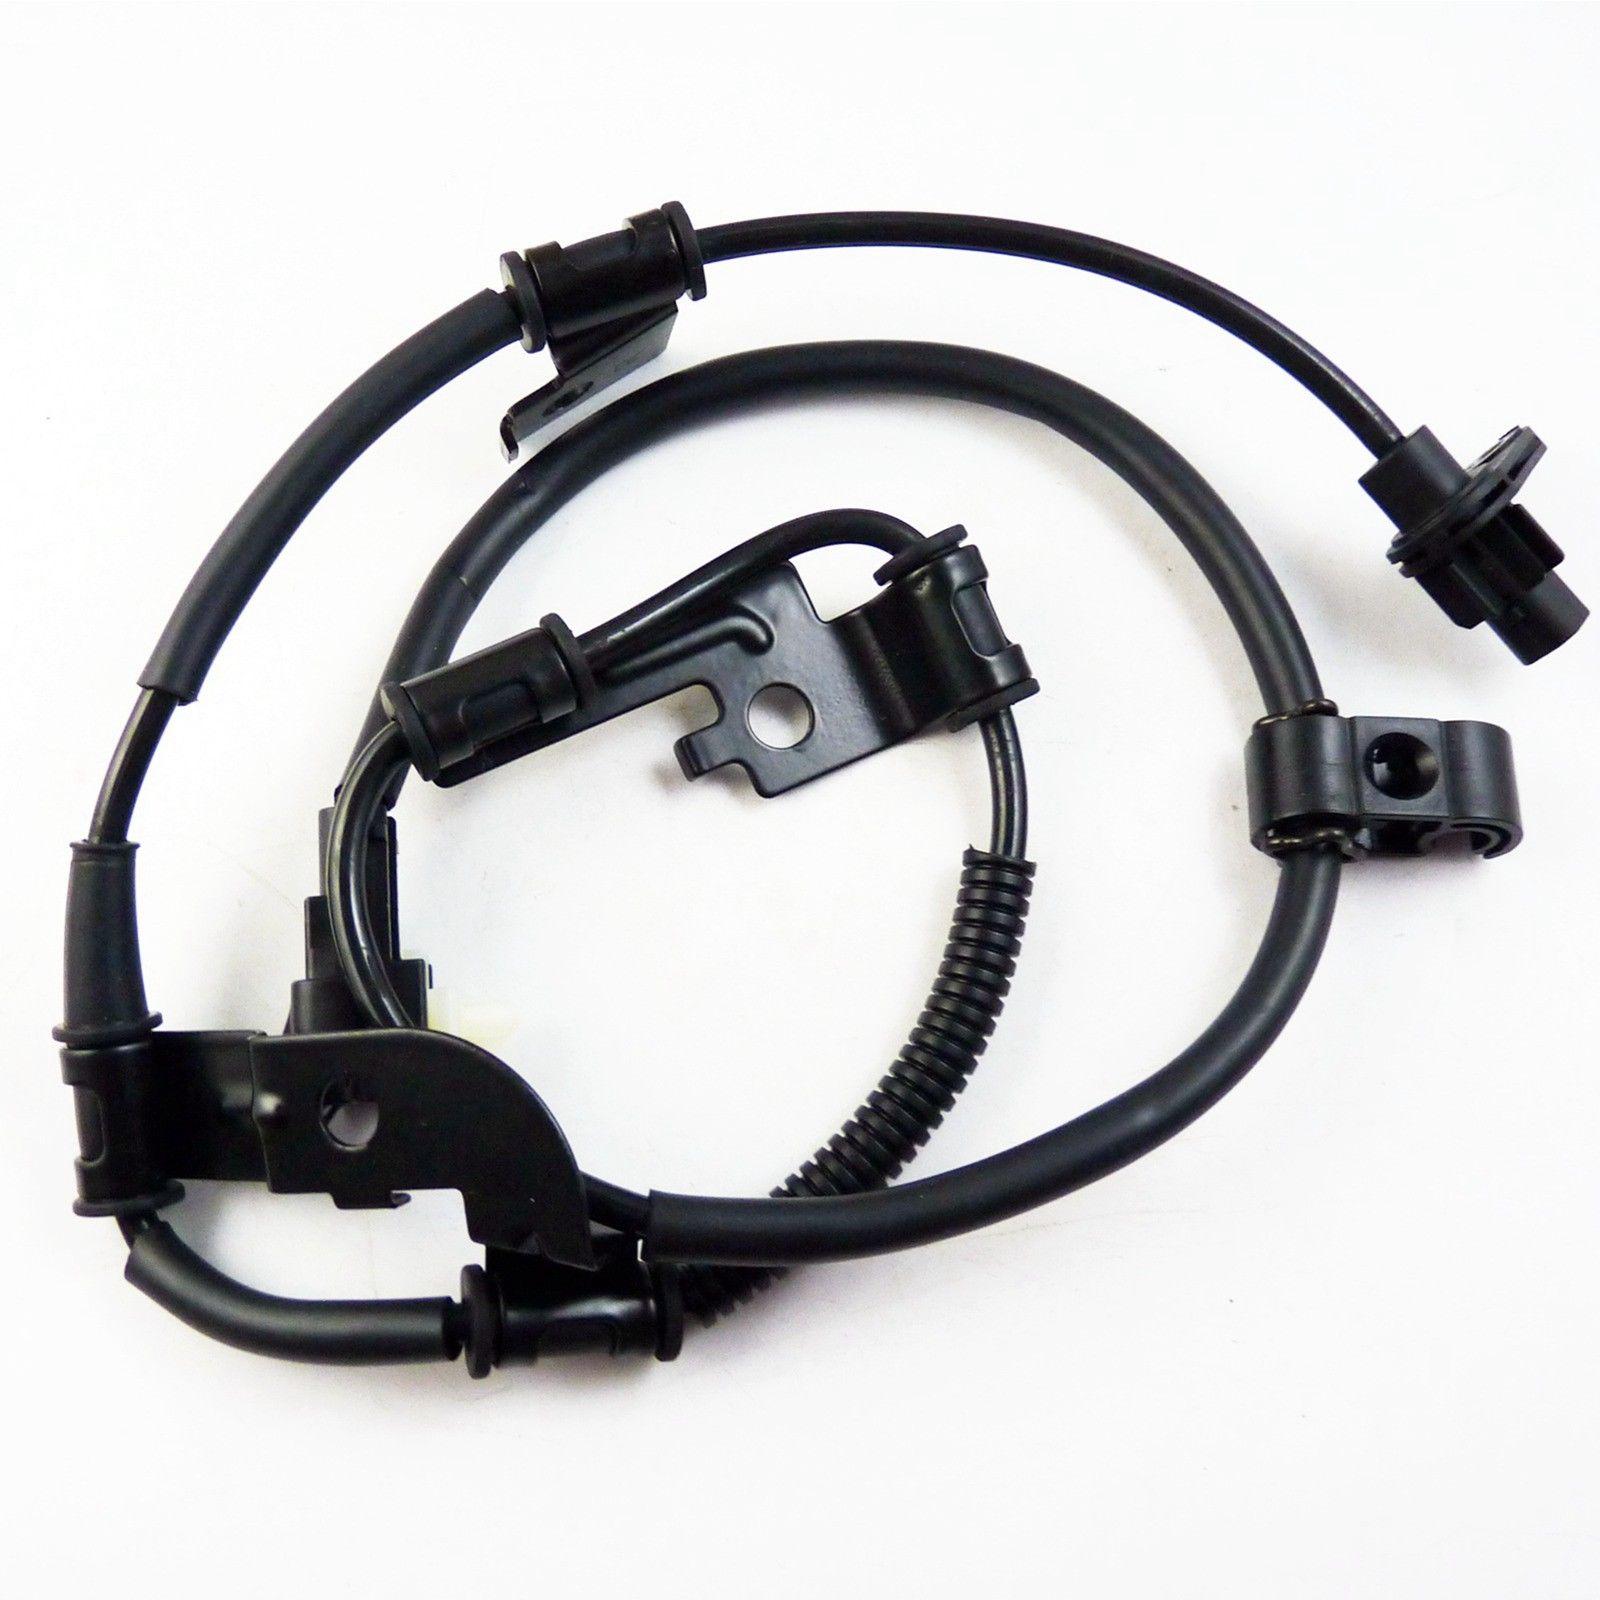 Front ABS Wheel Speed Sensor Assembly For Hyundai Santa Fe RH Side Passenger